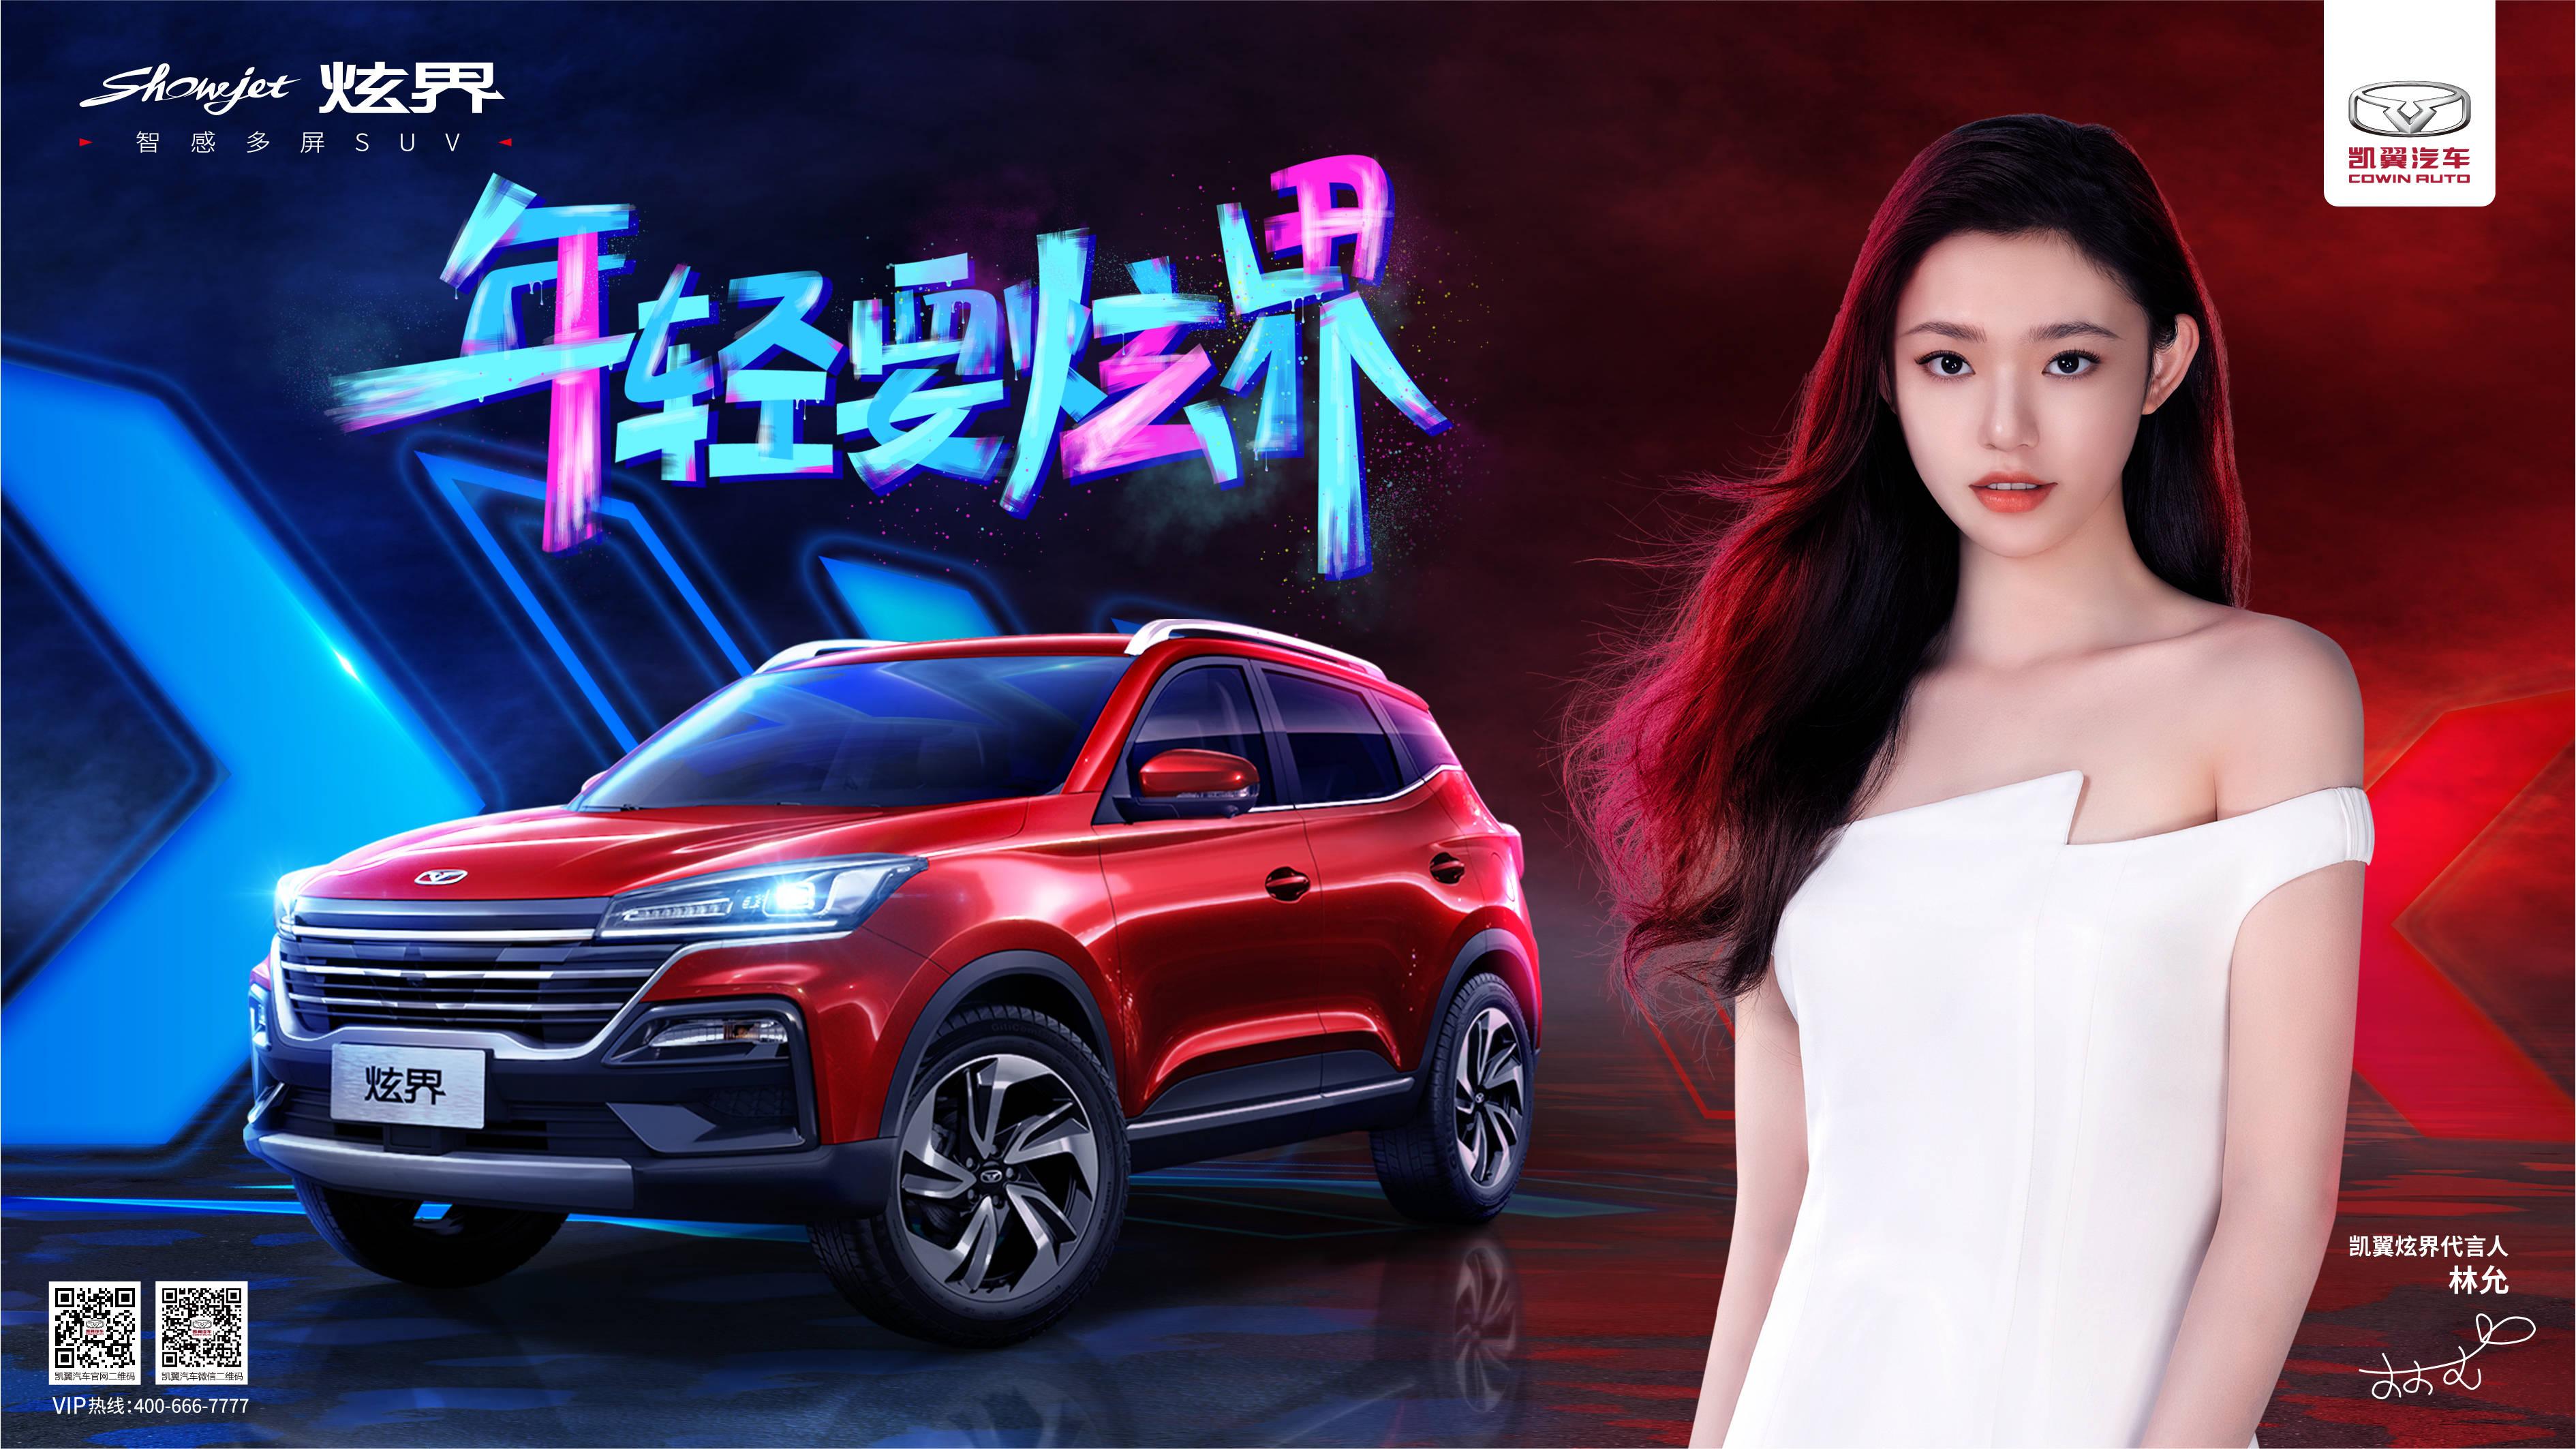 凯翼炫界上市 5.39万元起 购车即享3万元超级豪礼